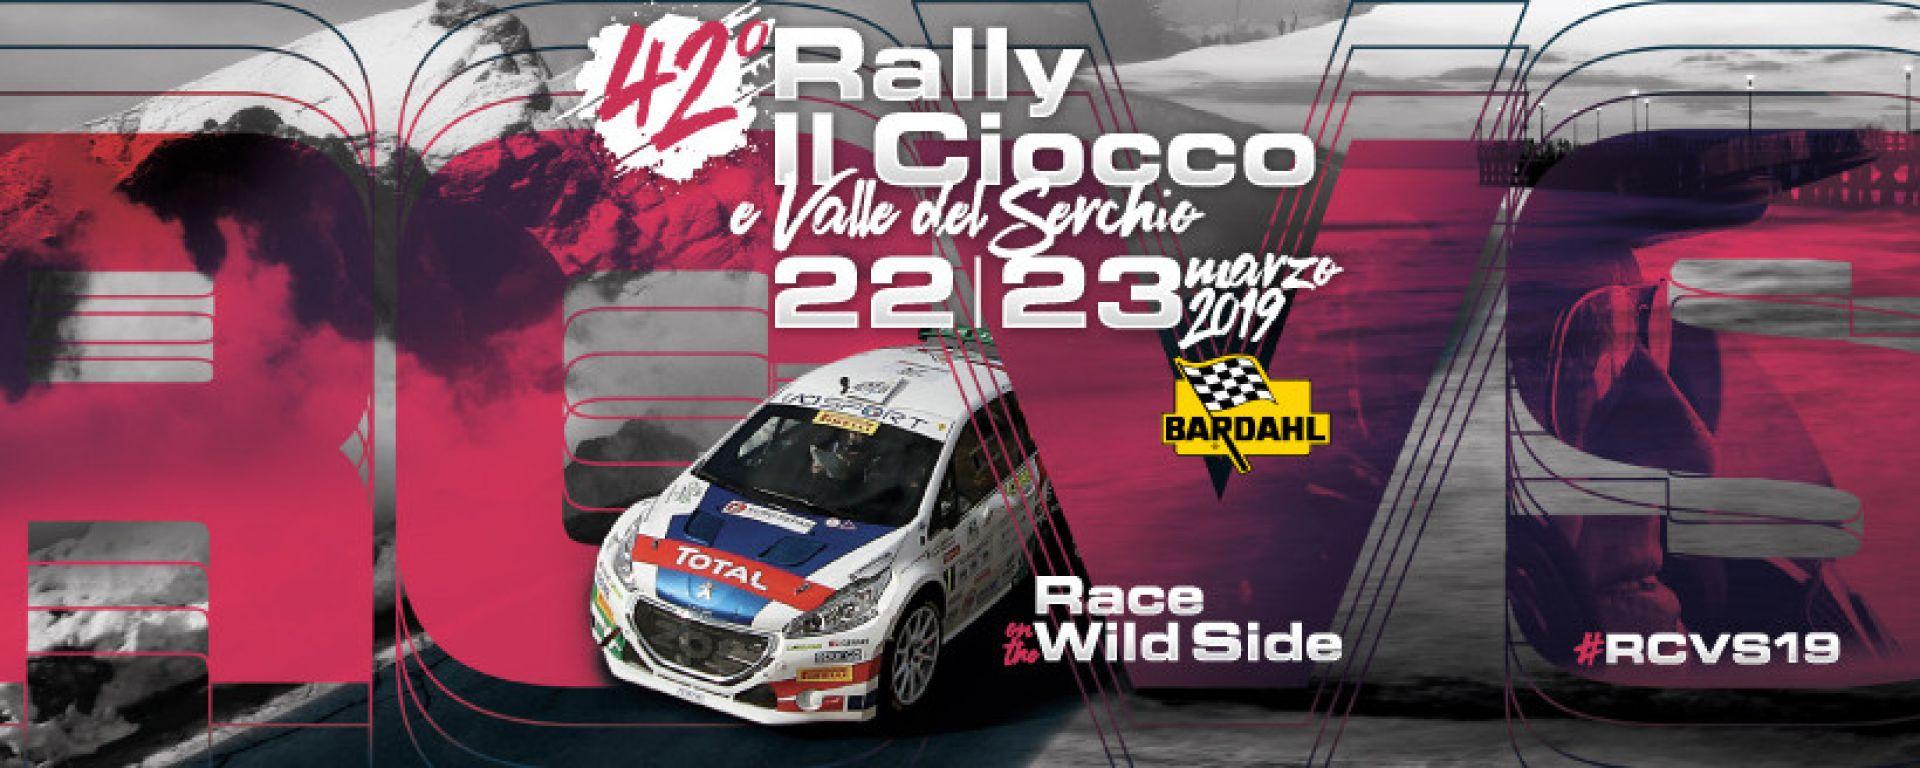 42° Rally Il Ciocco e Valle Serchio 2019 - Info e Risultati